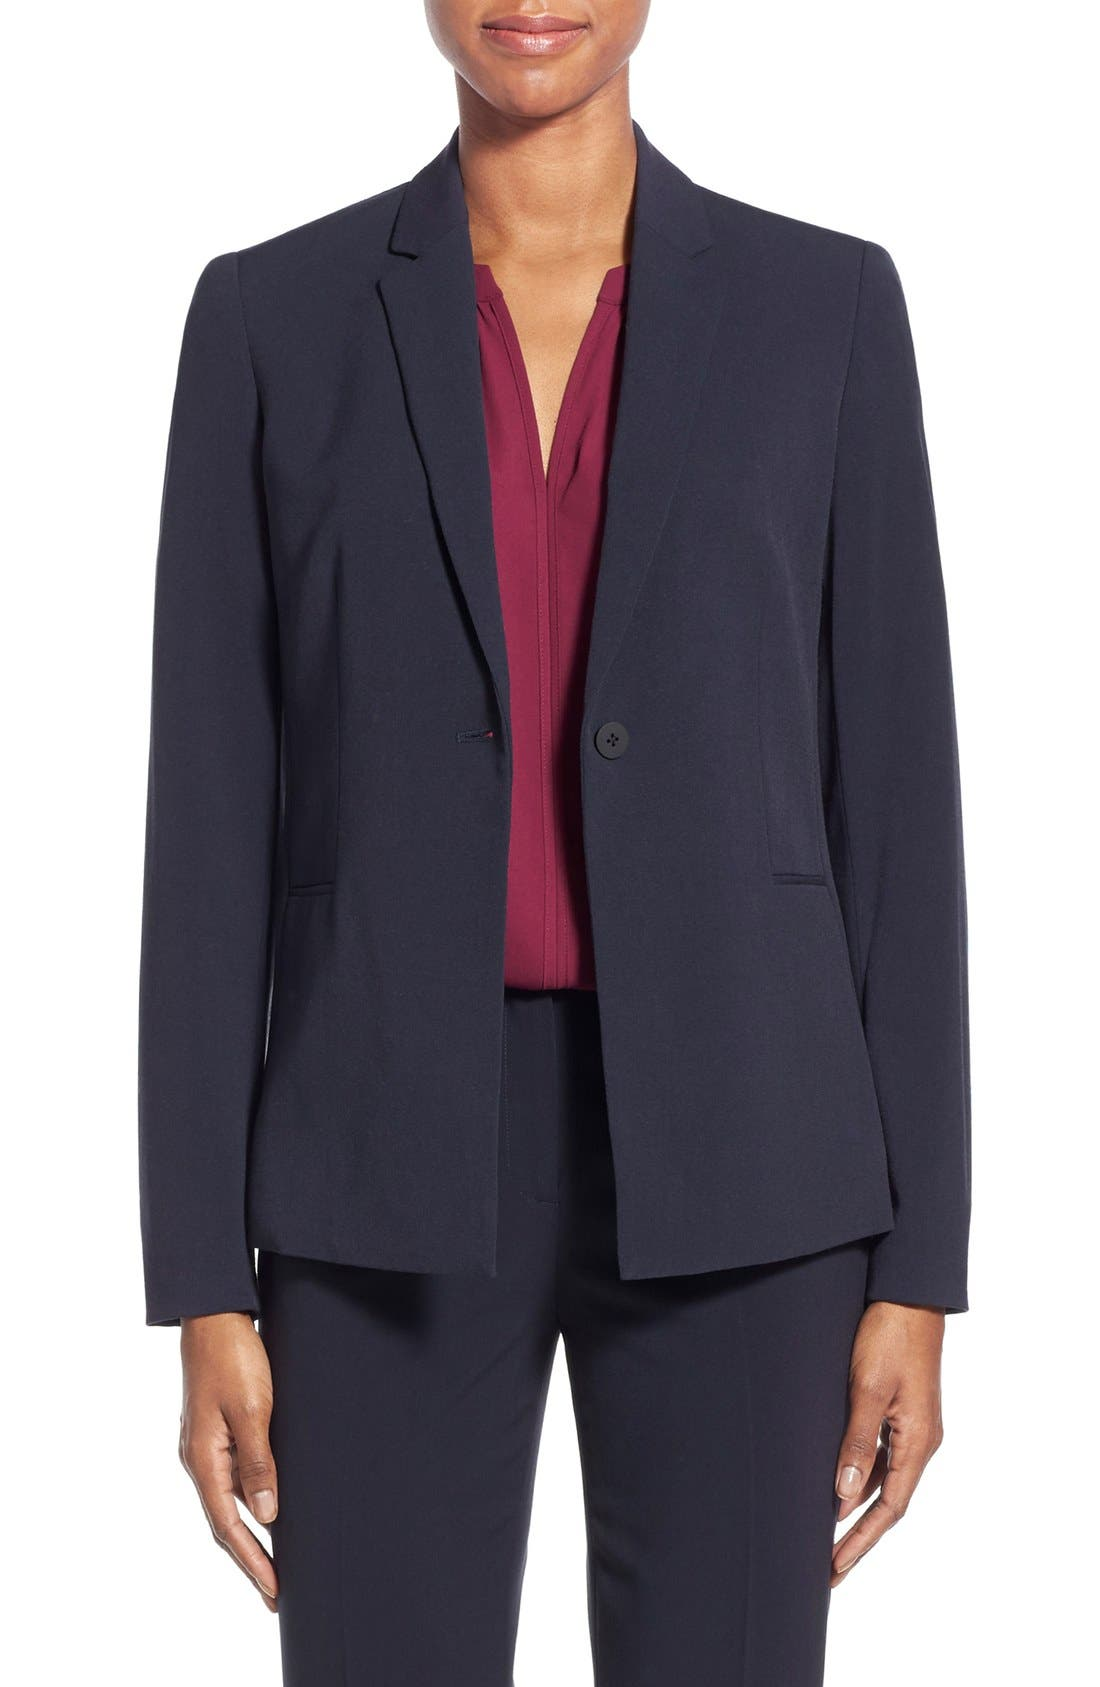 Women's twill suit jacket